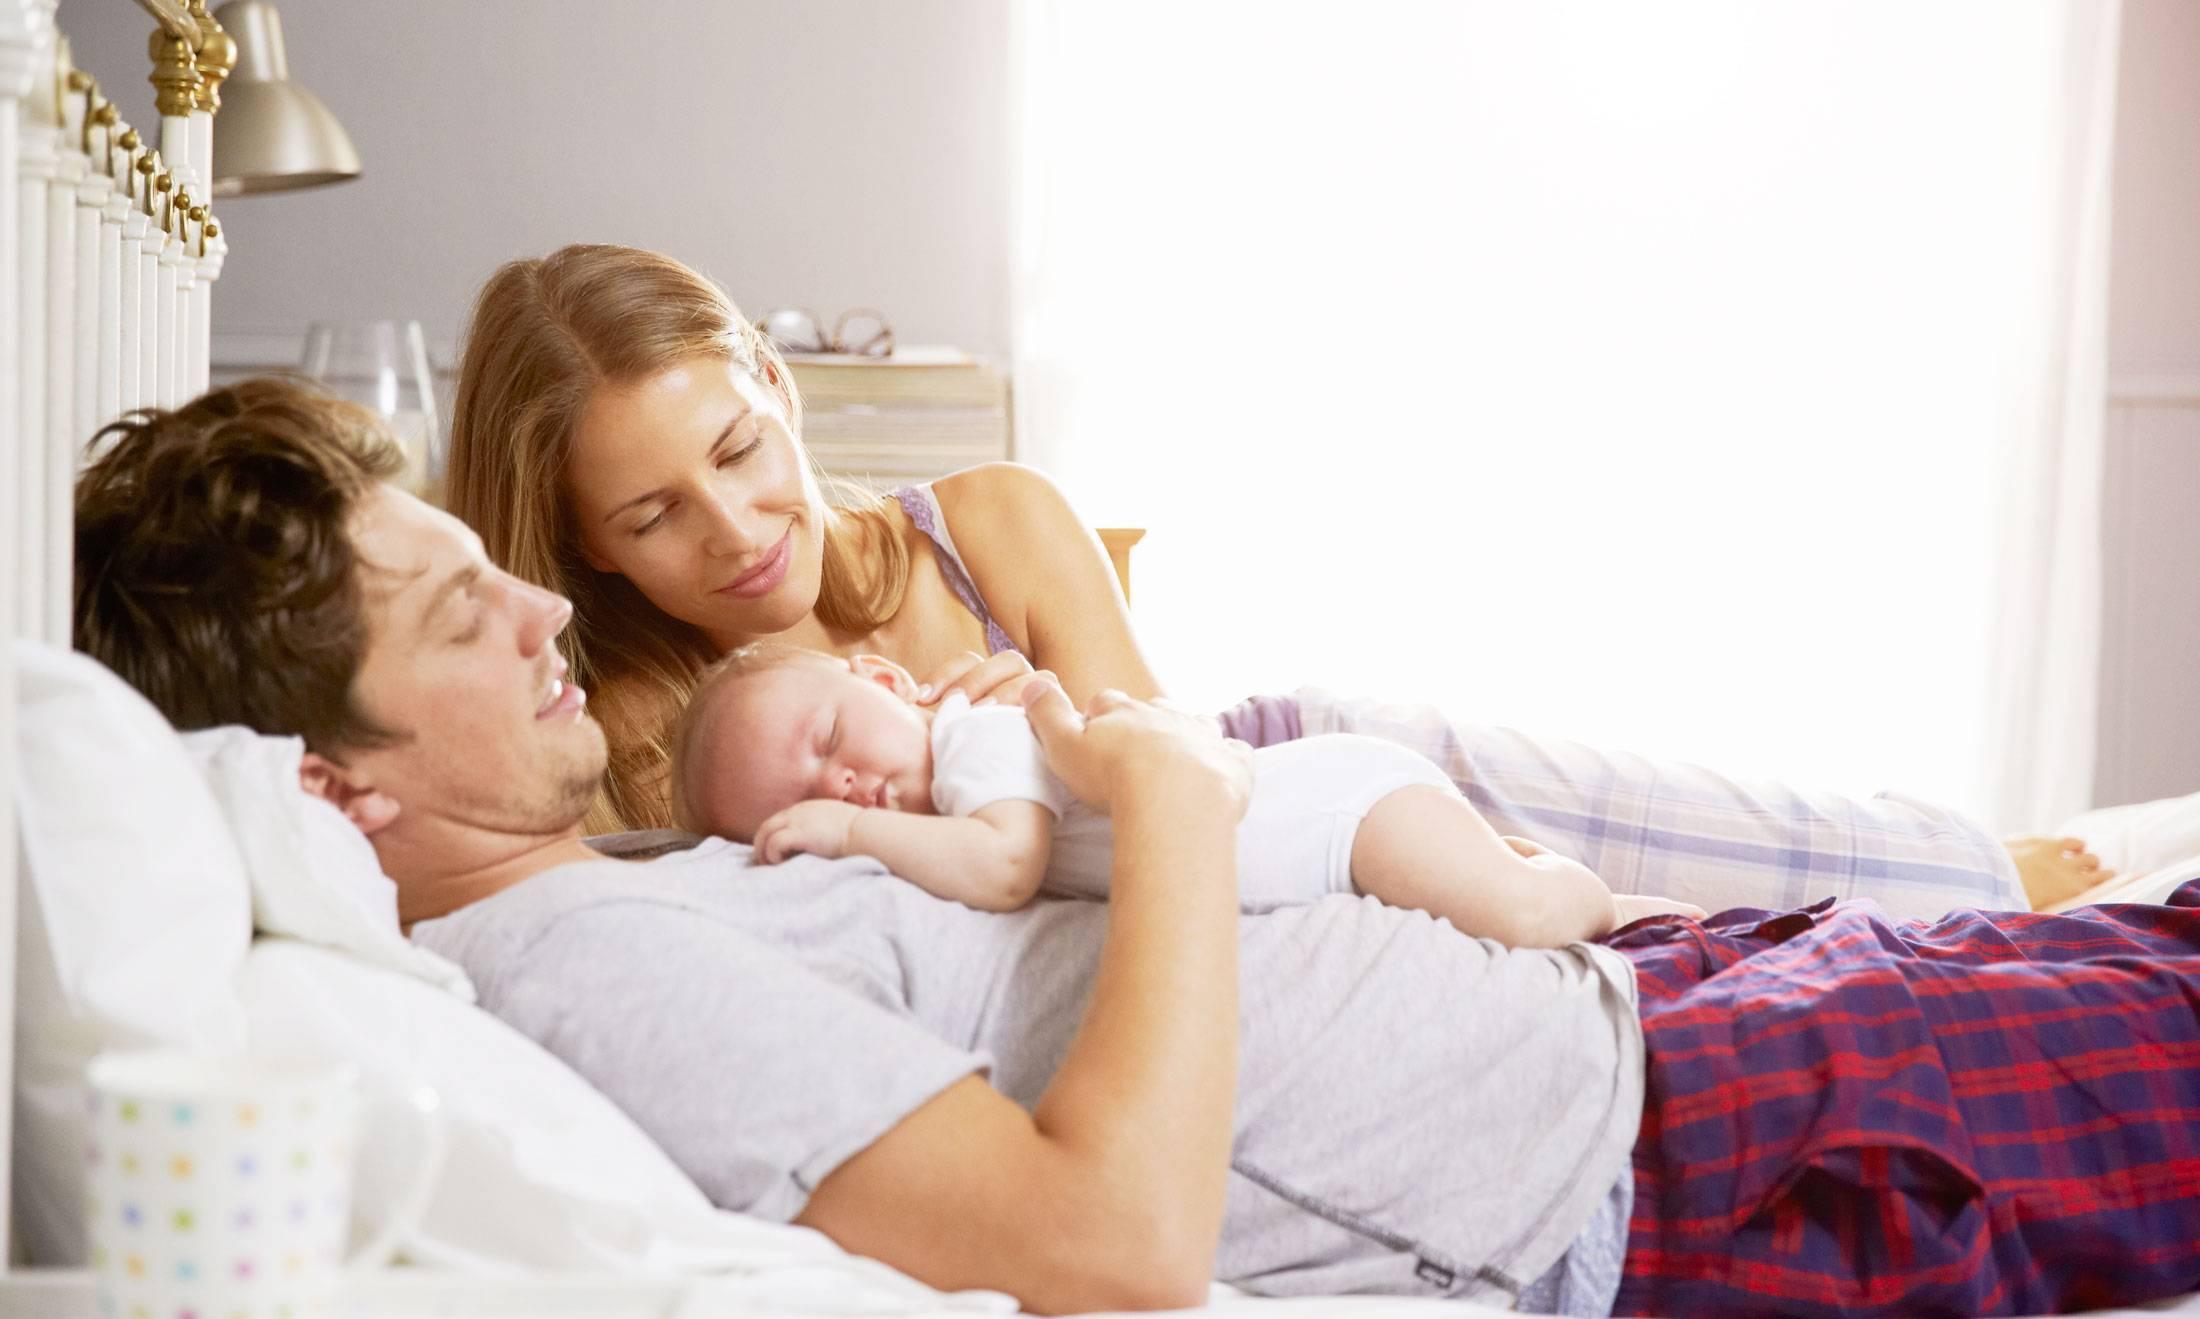 Совместный сон с ребёнком – преимущества и недостатки сна с грудничком